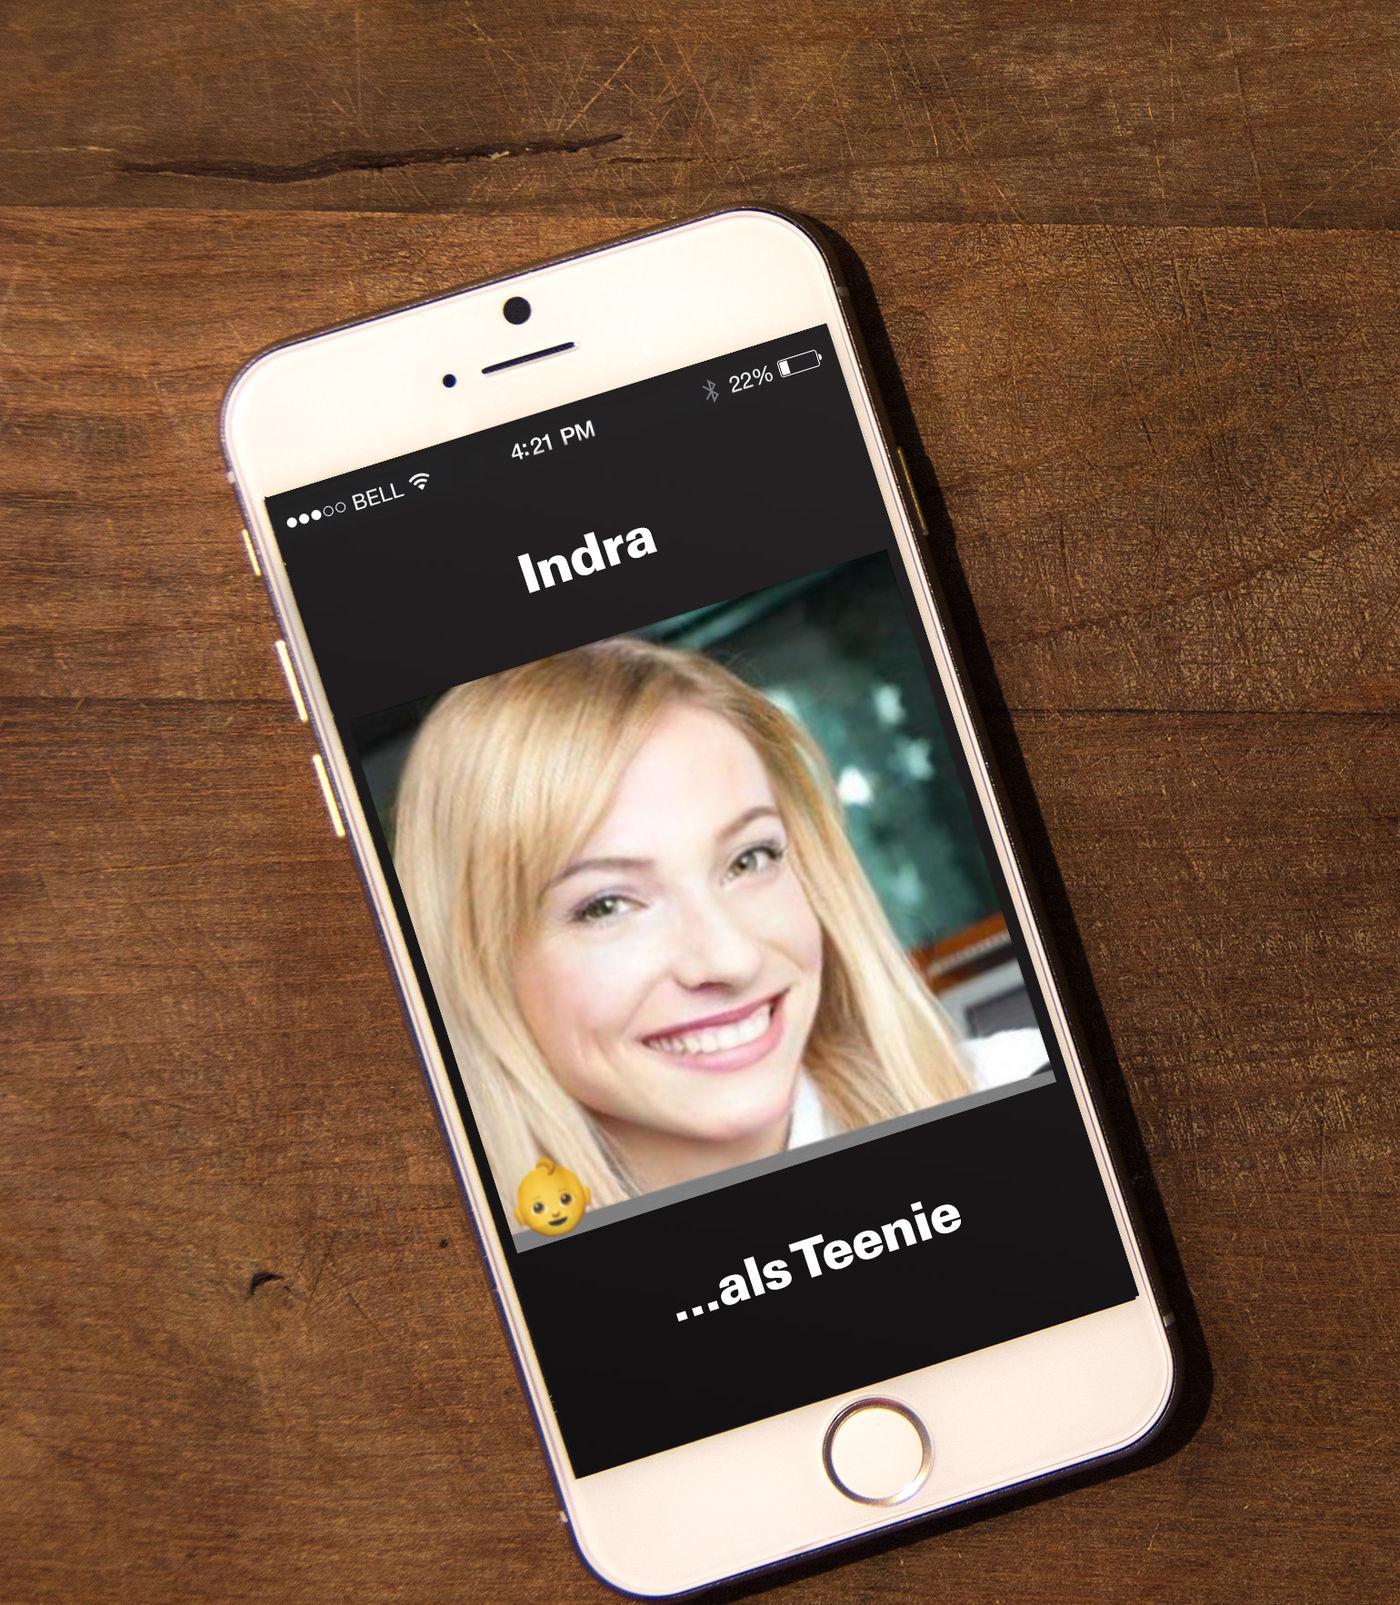 faceapp diese app macht uns j nger lter m nnlich oder weiblich antenne bayern. Black Bedroom Furniture Sets. Home Design Ideas